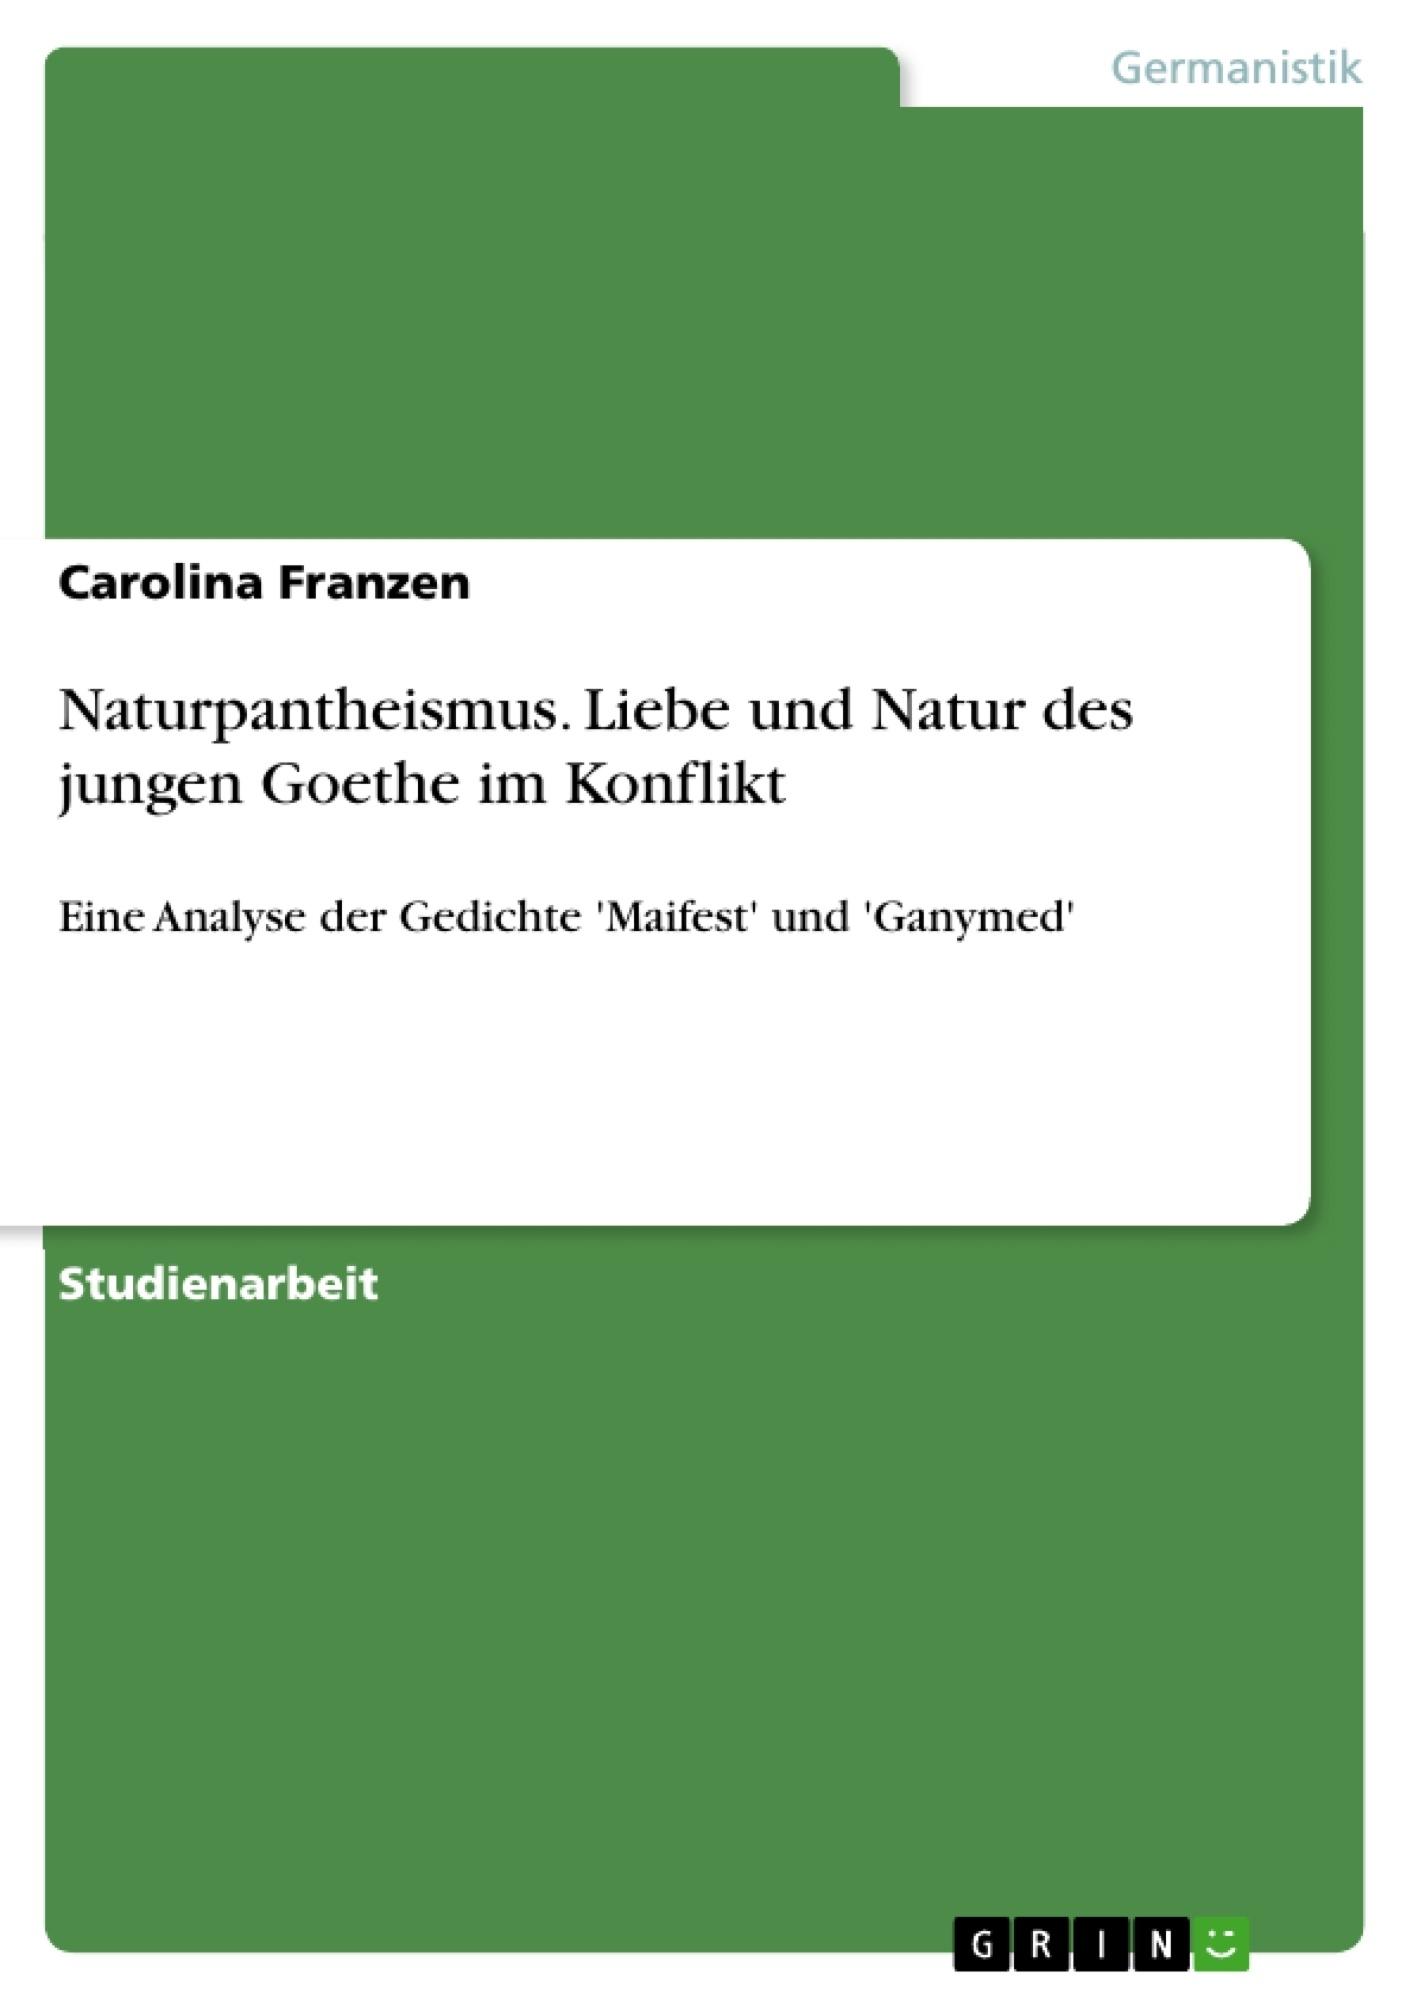 Titel: Naturpantheismus. Liebe und Natur des jungen Goethe im Konflikt